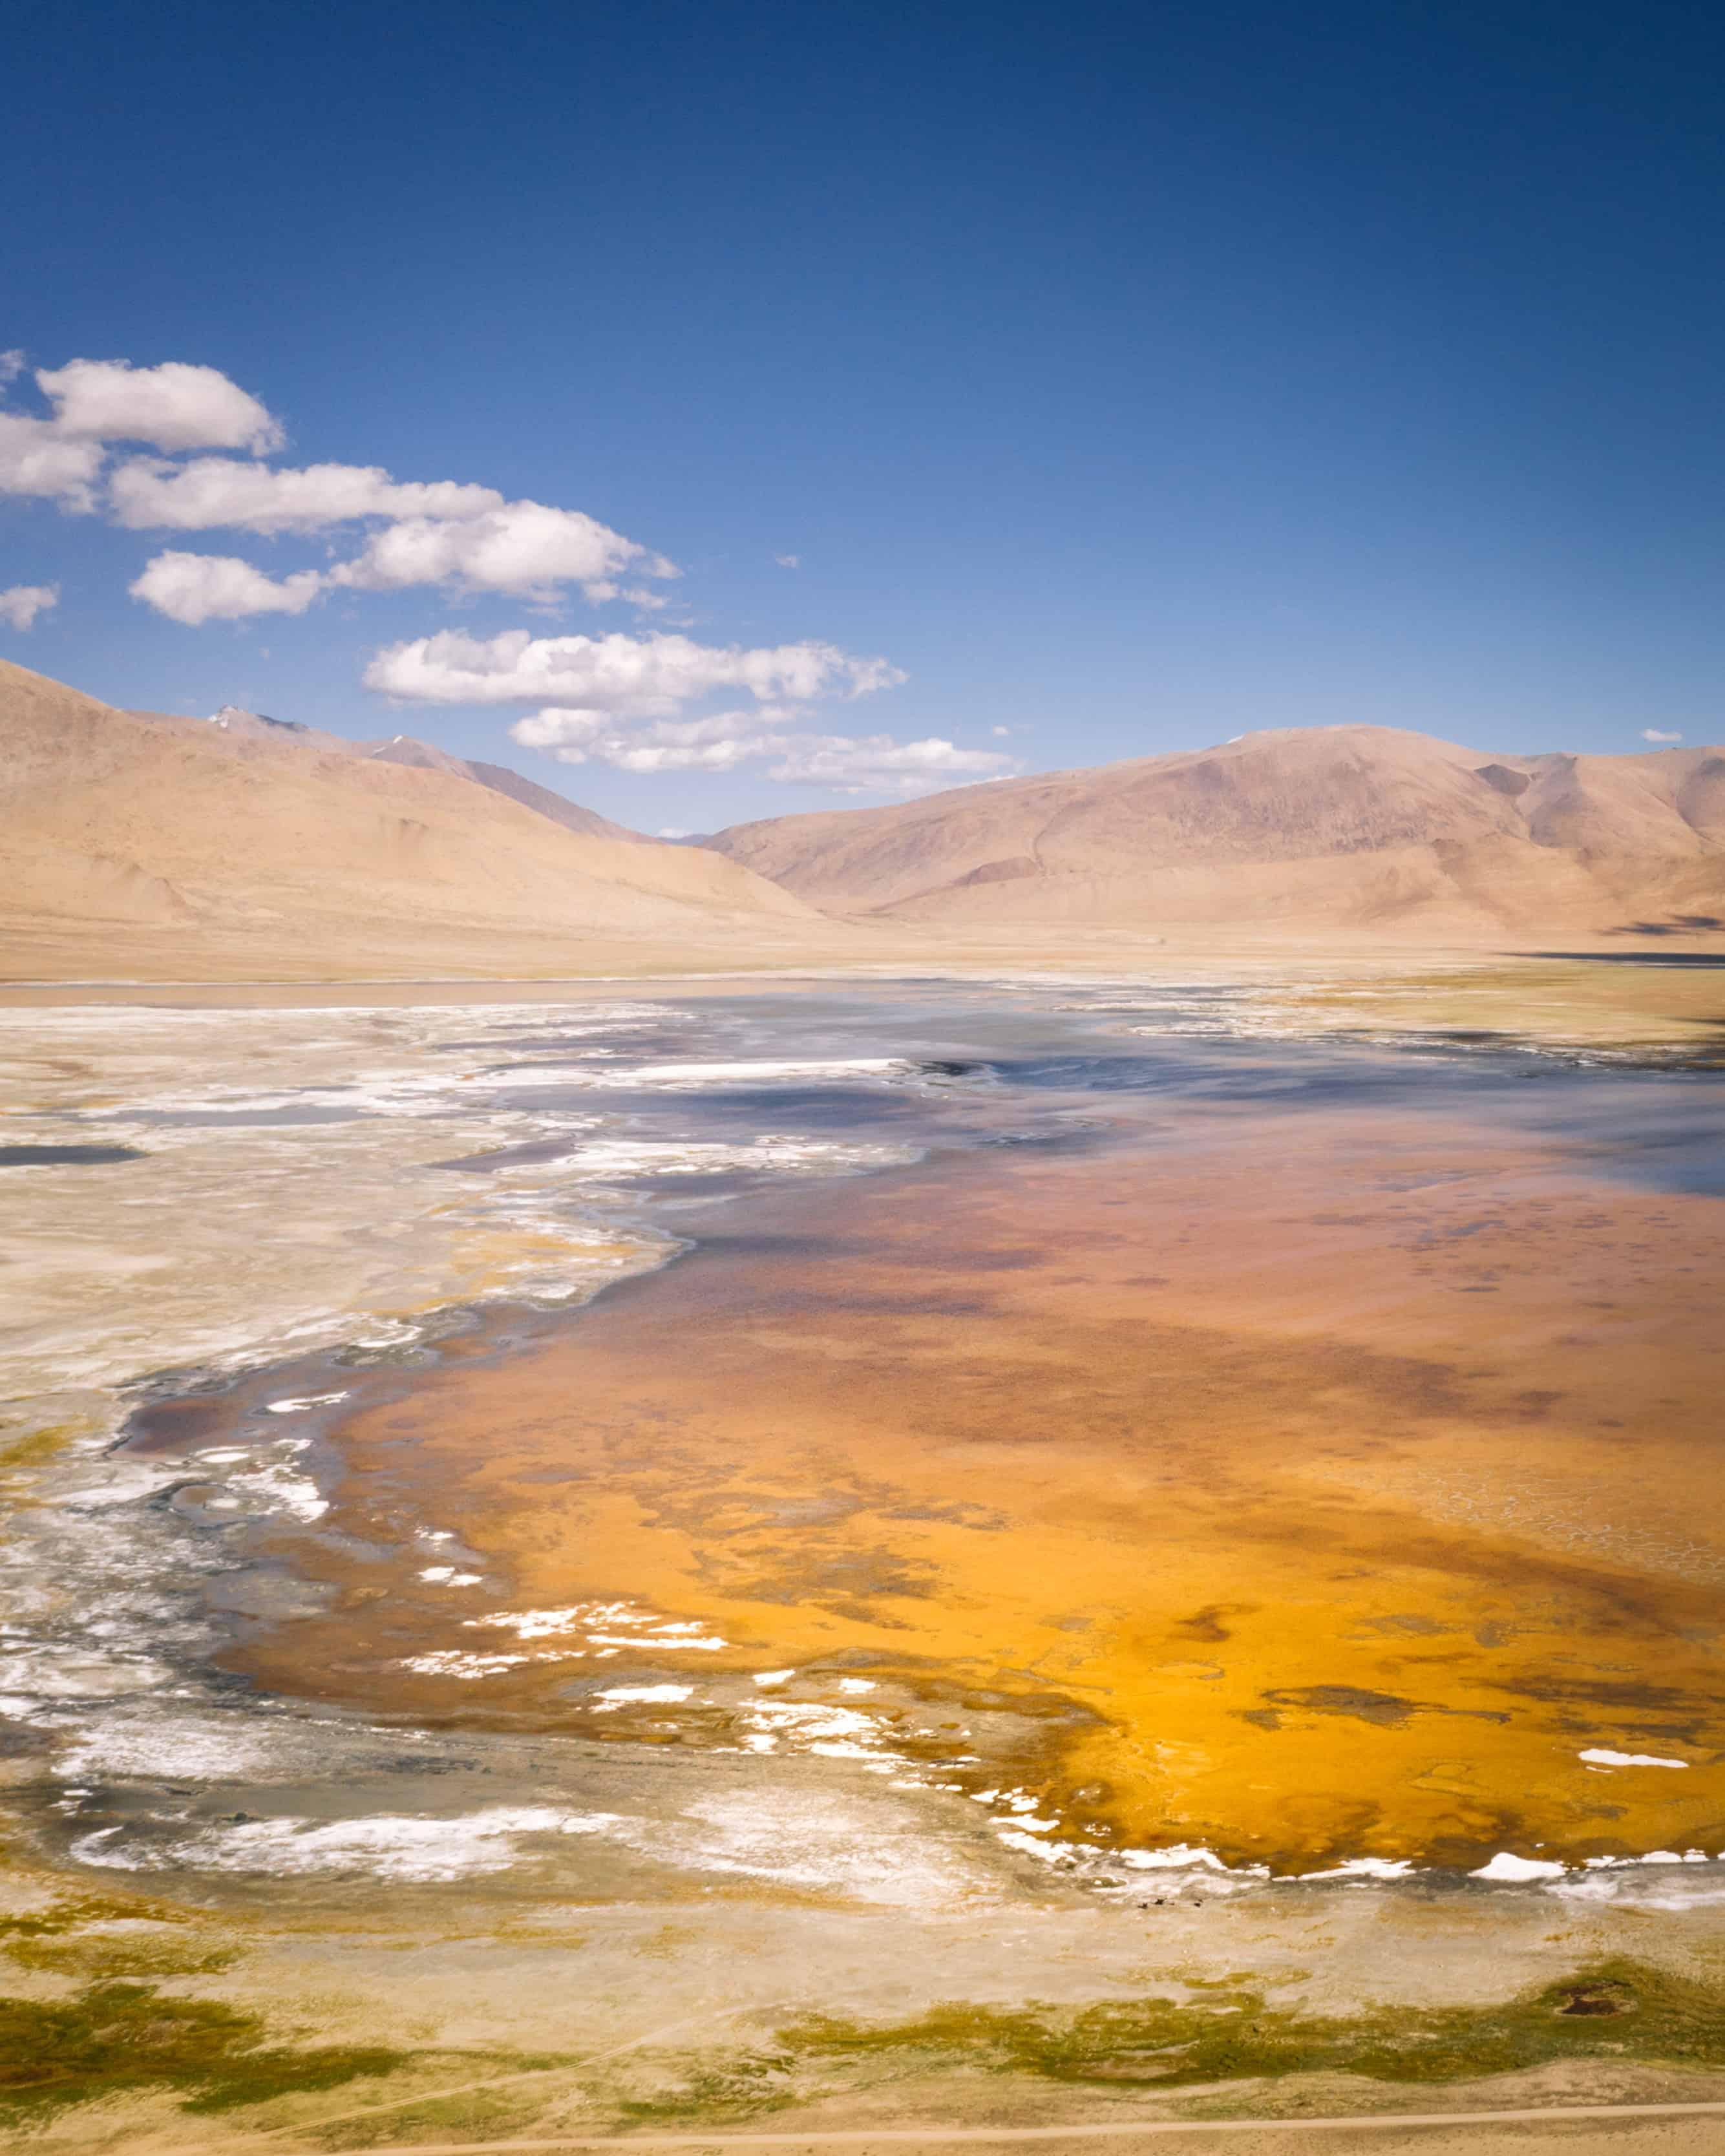 le lac rouge Tso Kar au Ladakh Inde avec ses îlots blancs